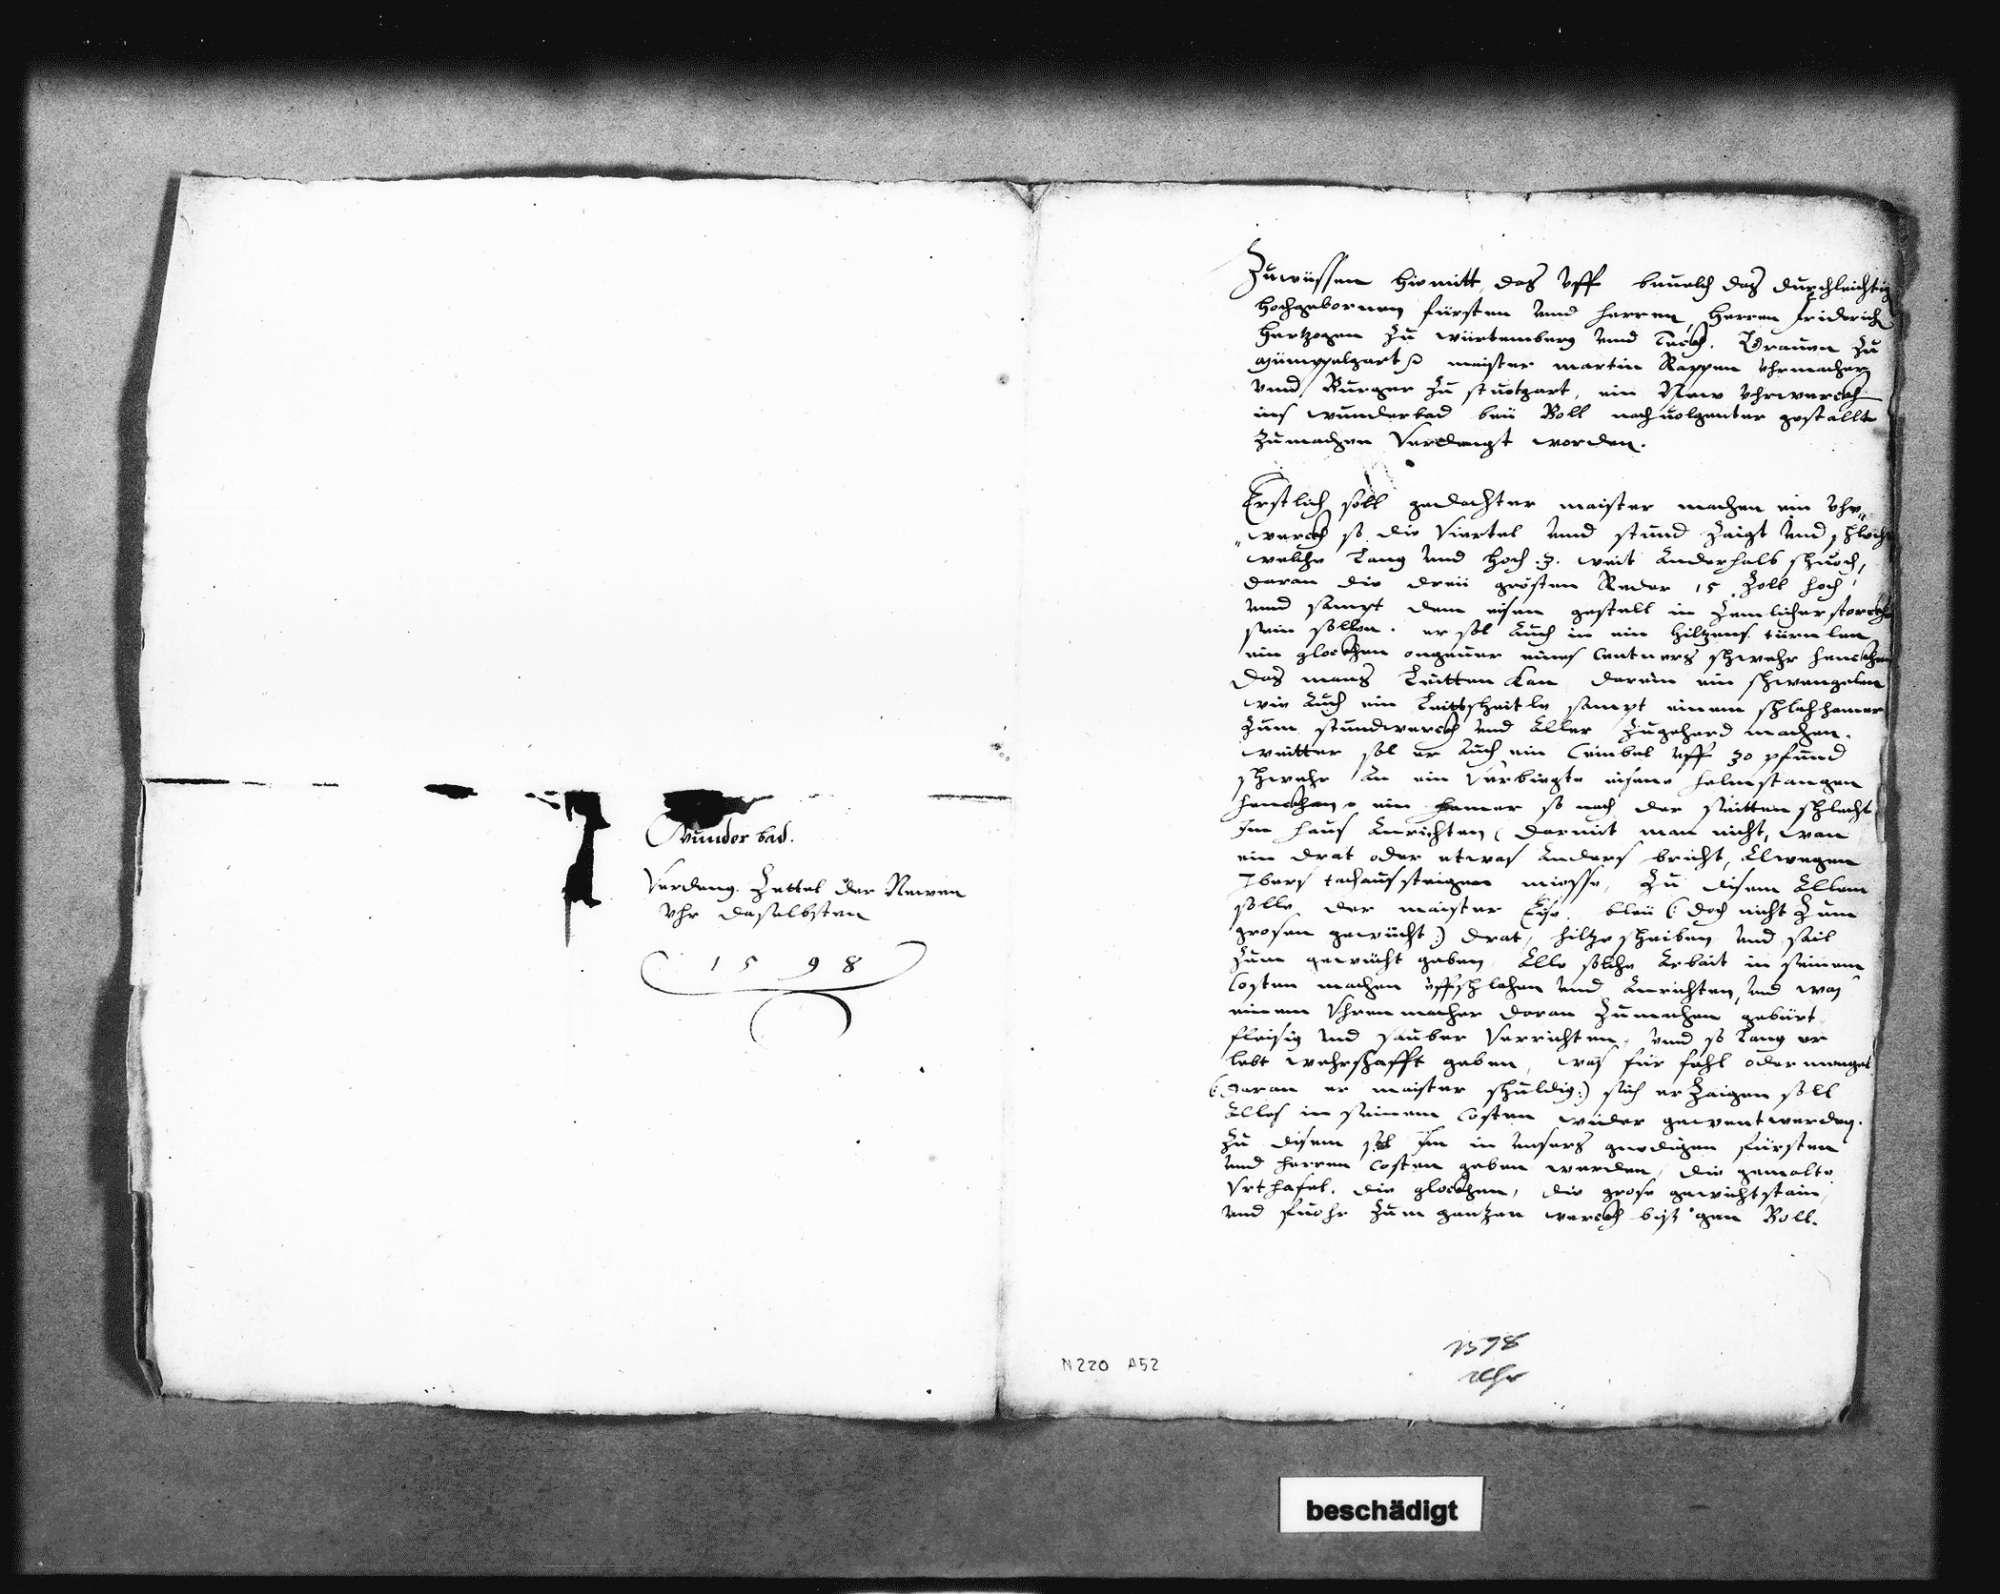 Auftrag für das Uhrtürmchen an den Uhrmachermeister Martin Rapp in Stuttgart, unterschrieben von Herzog Friedrich; zwei Schreiben dazu von Christoph Reyhing, Bild 1